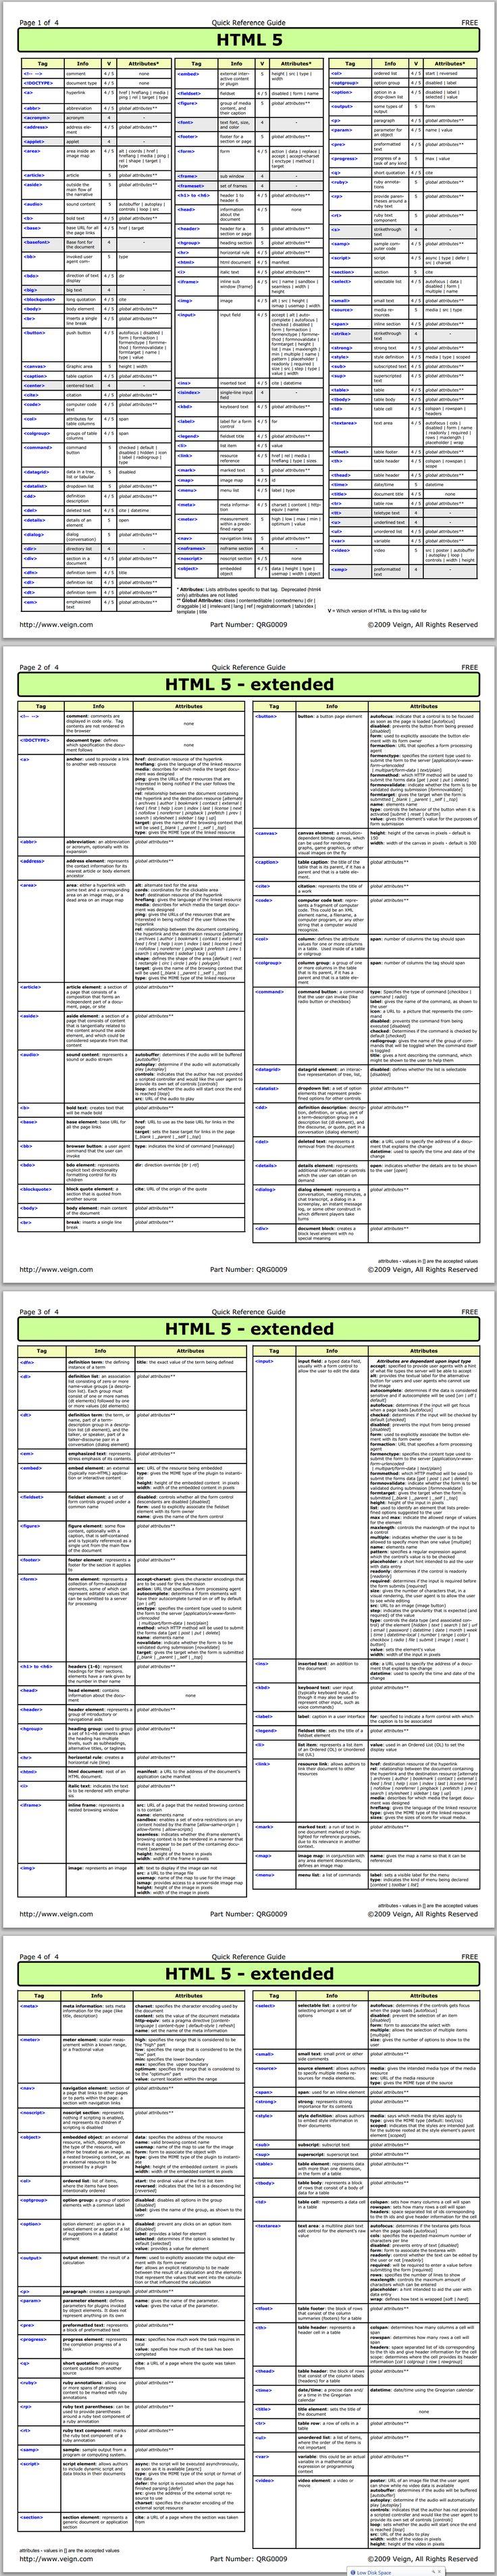 HTML 5 #cheatsheet